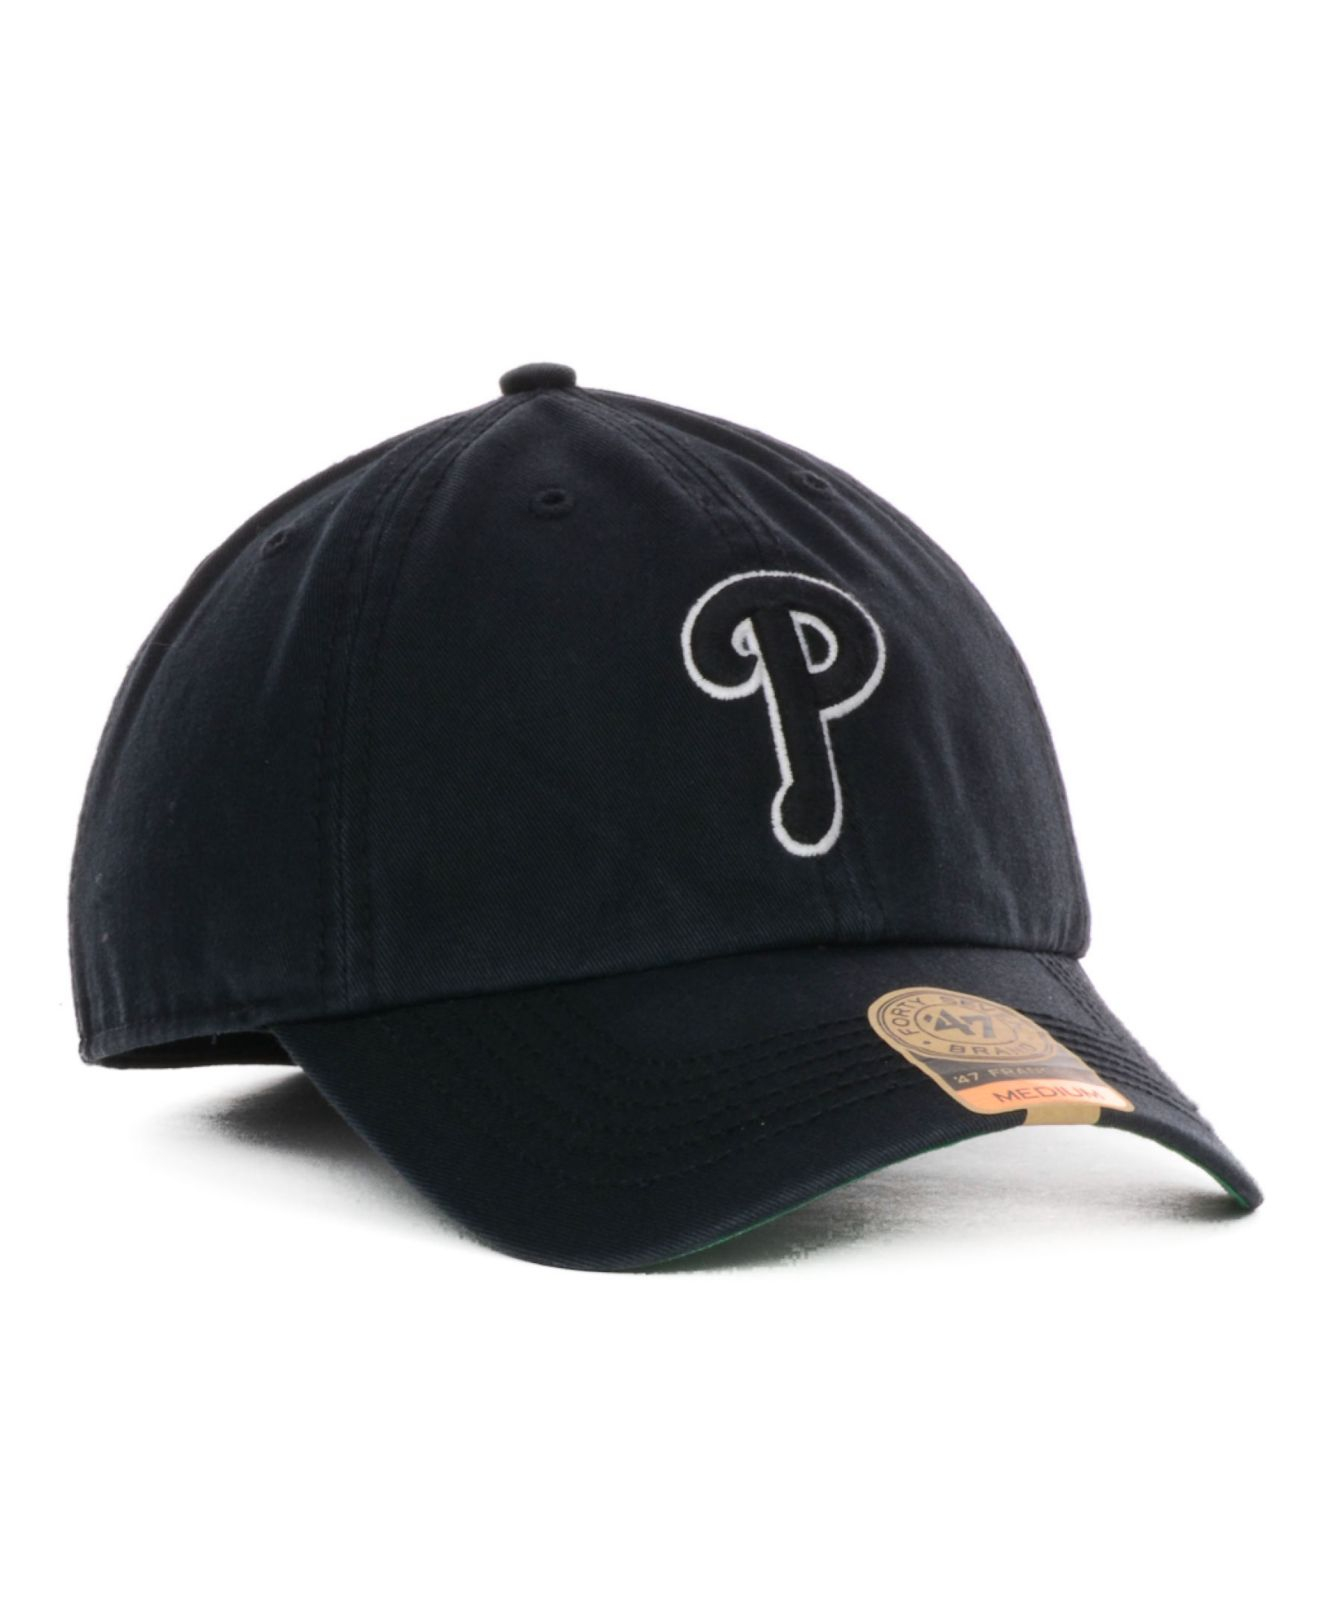 80b8bf1442ed64 47 Brand Philadelphia Phillies Black Out Franchise Cap in Black for ...